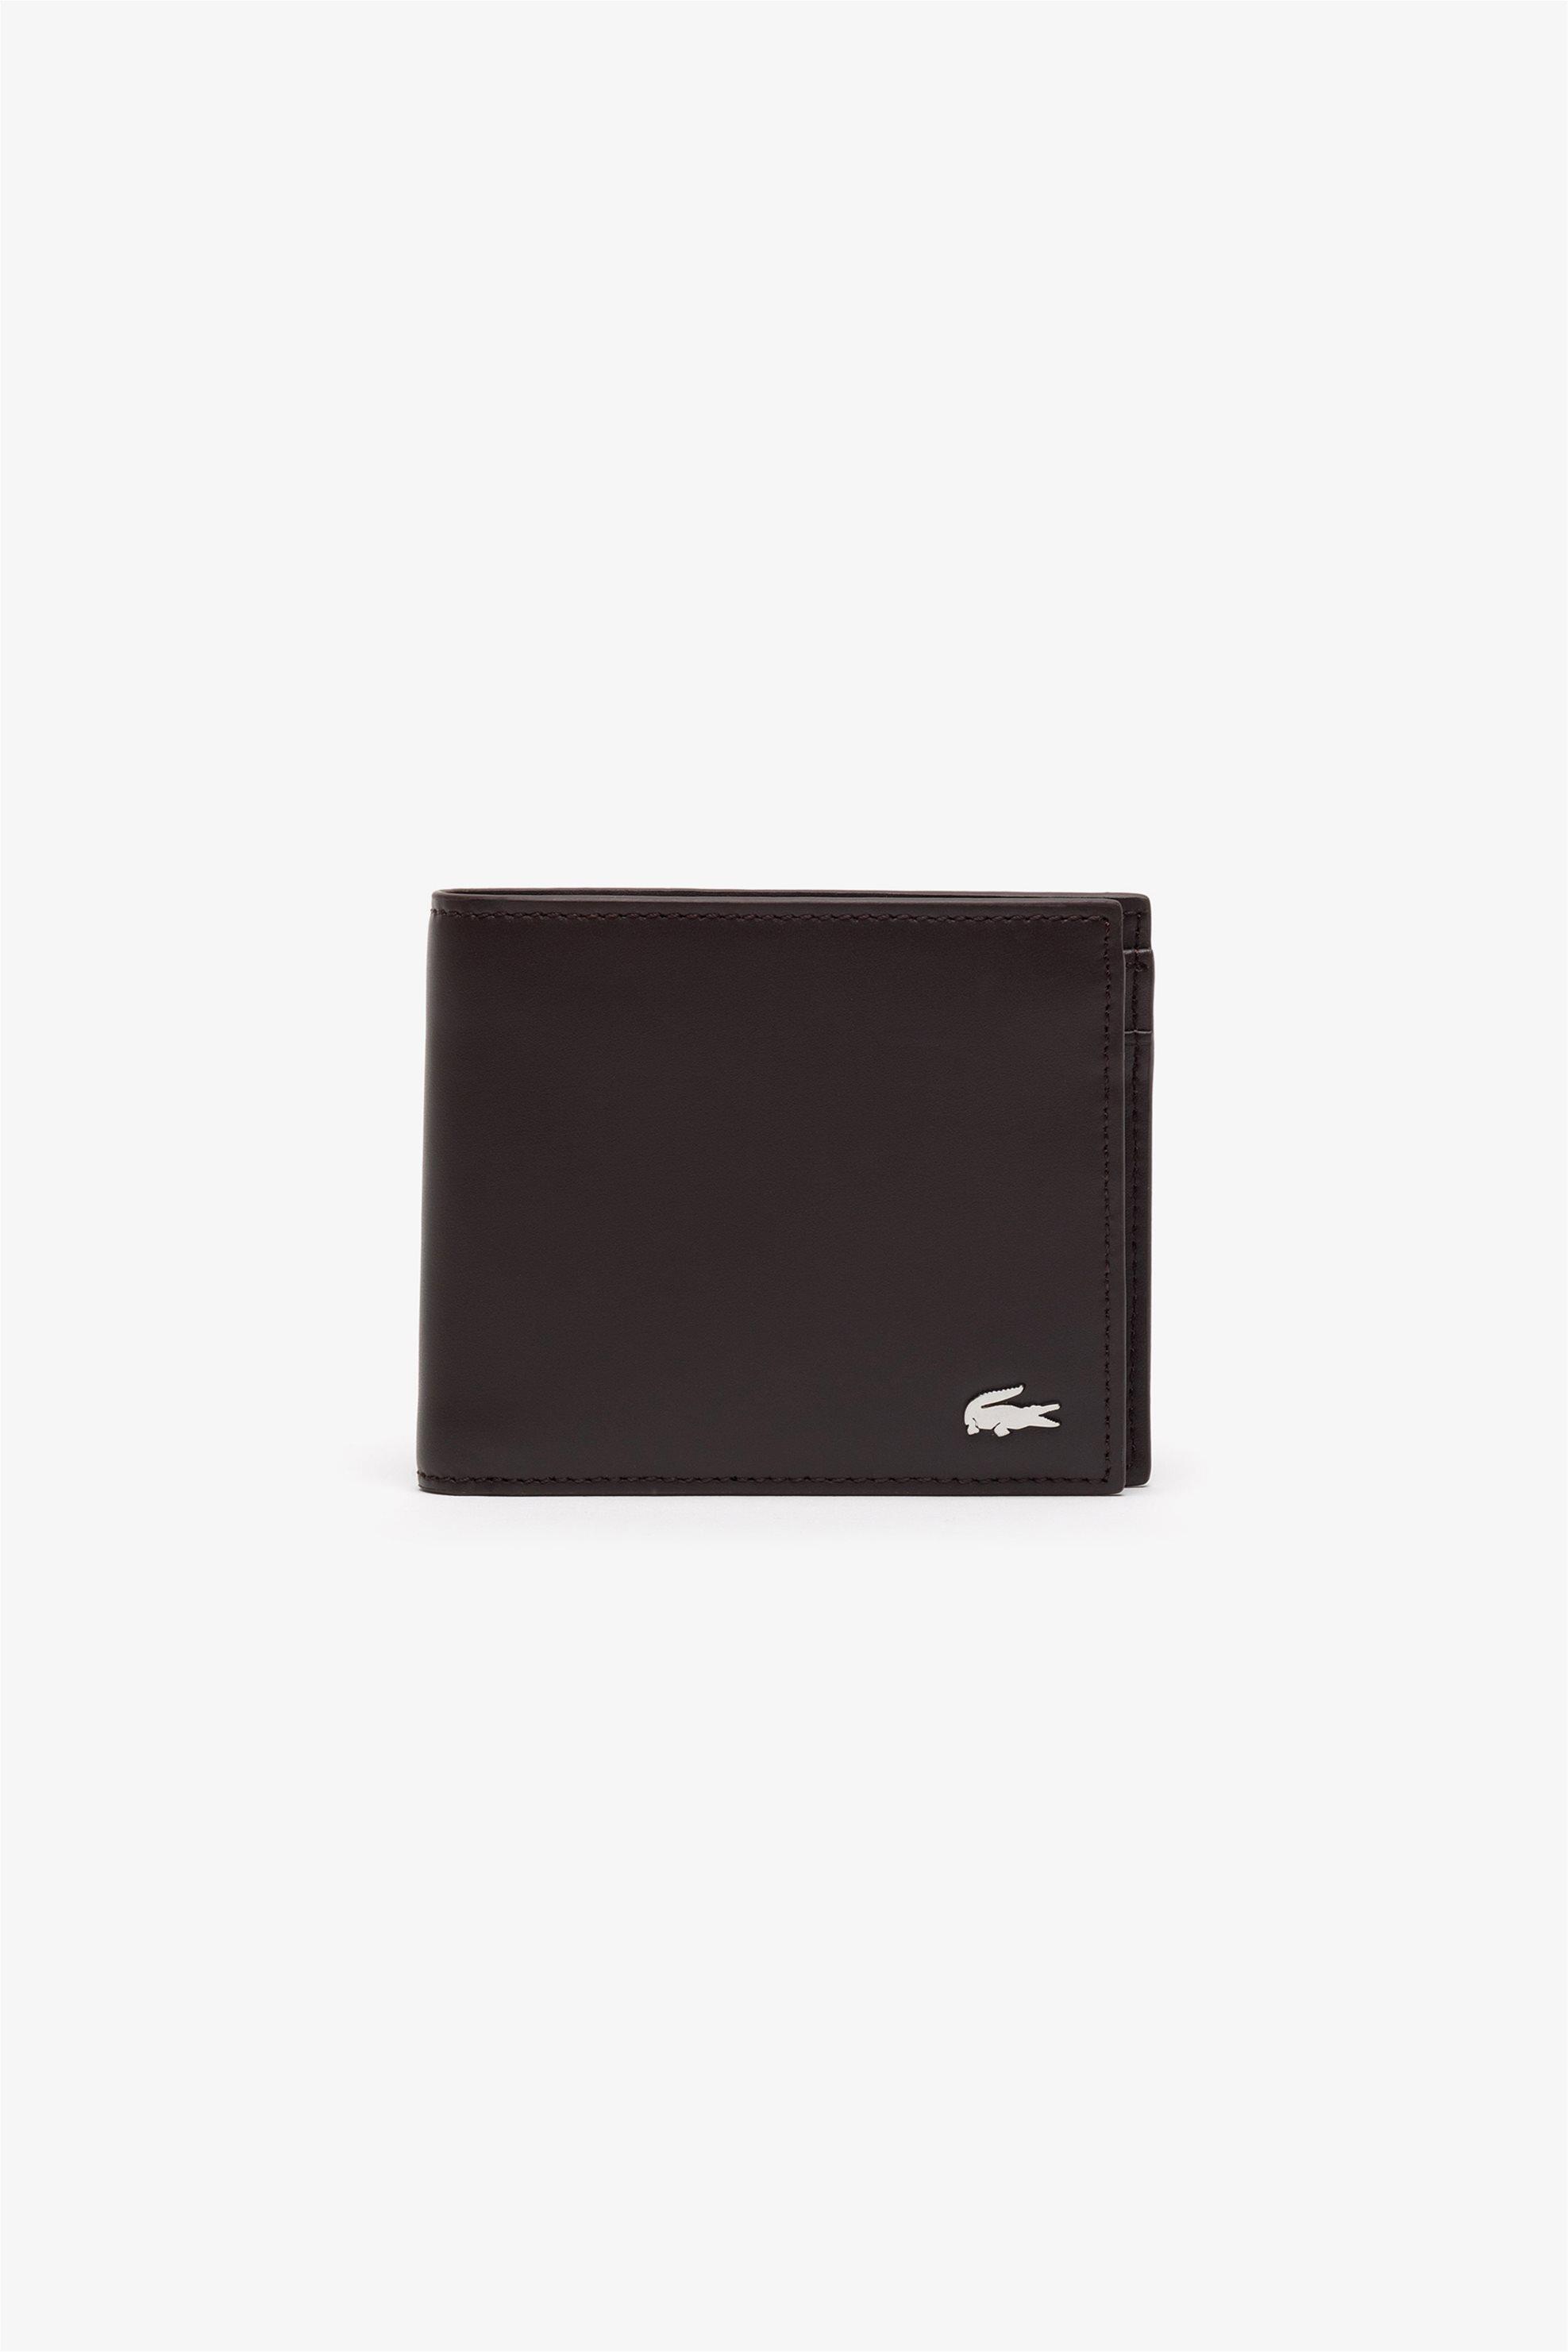 Lacoste ανδρικό πορτοφόλι